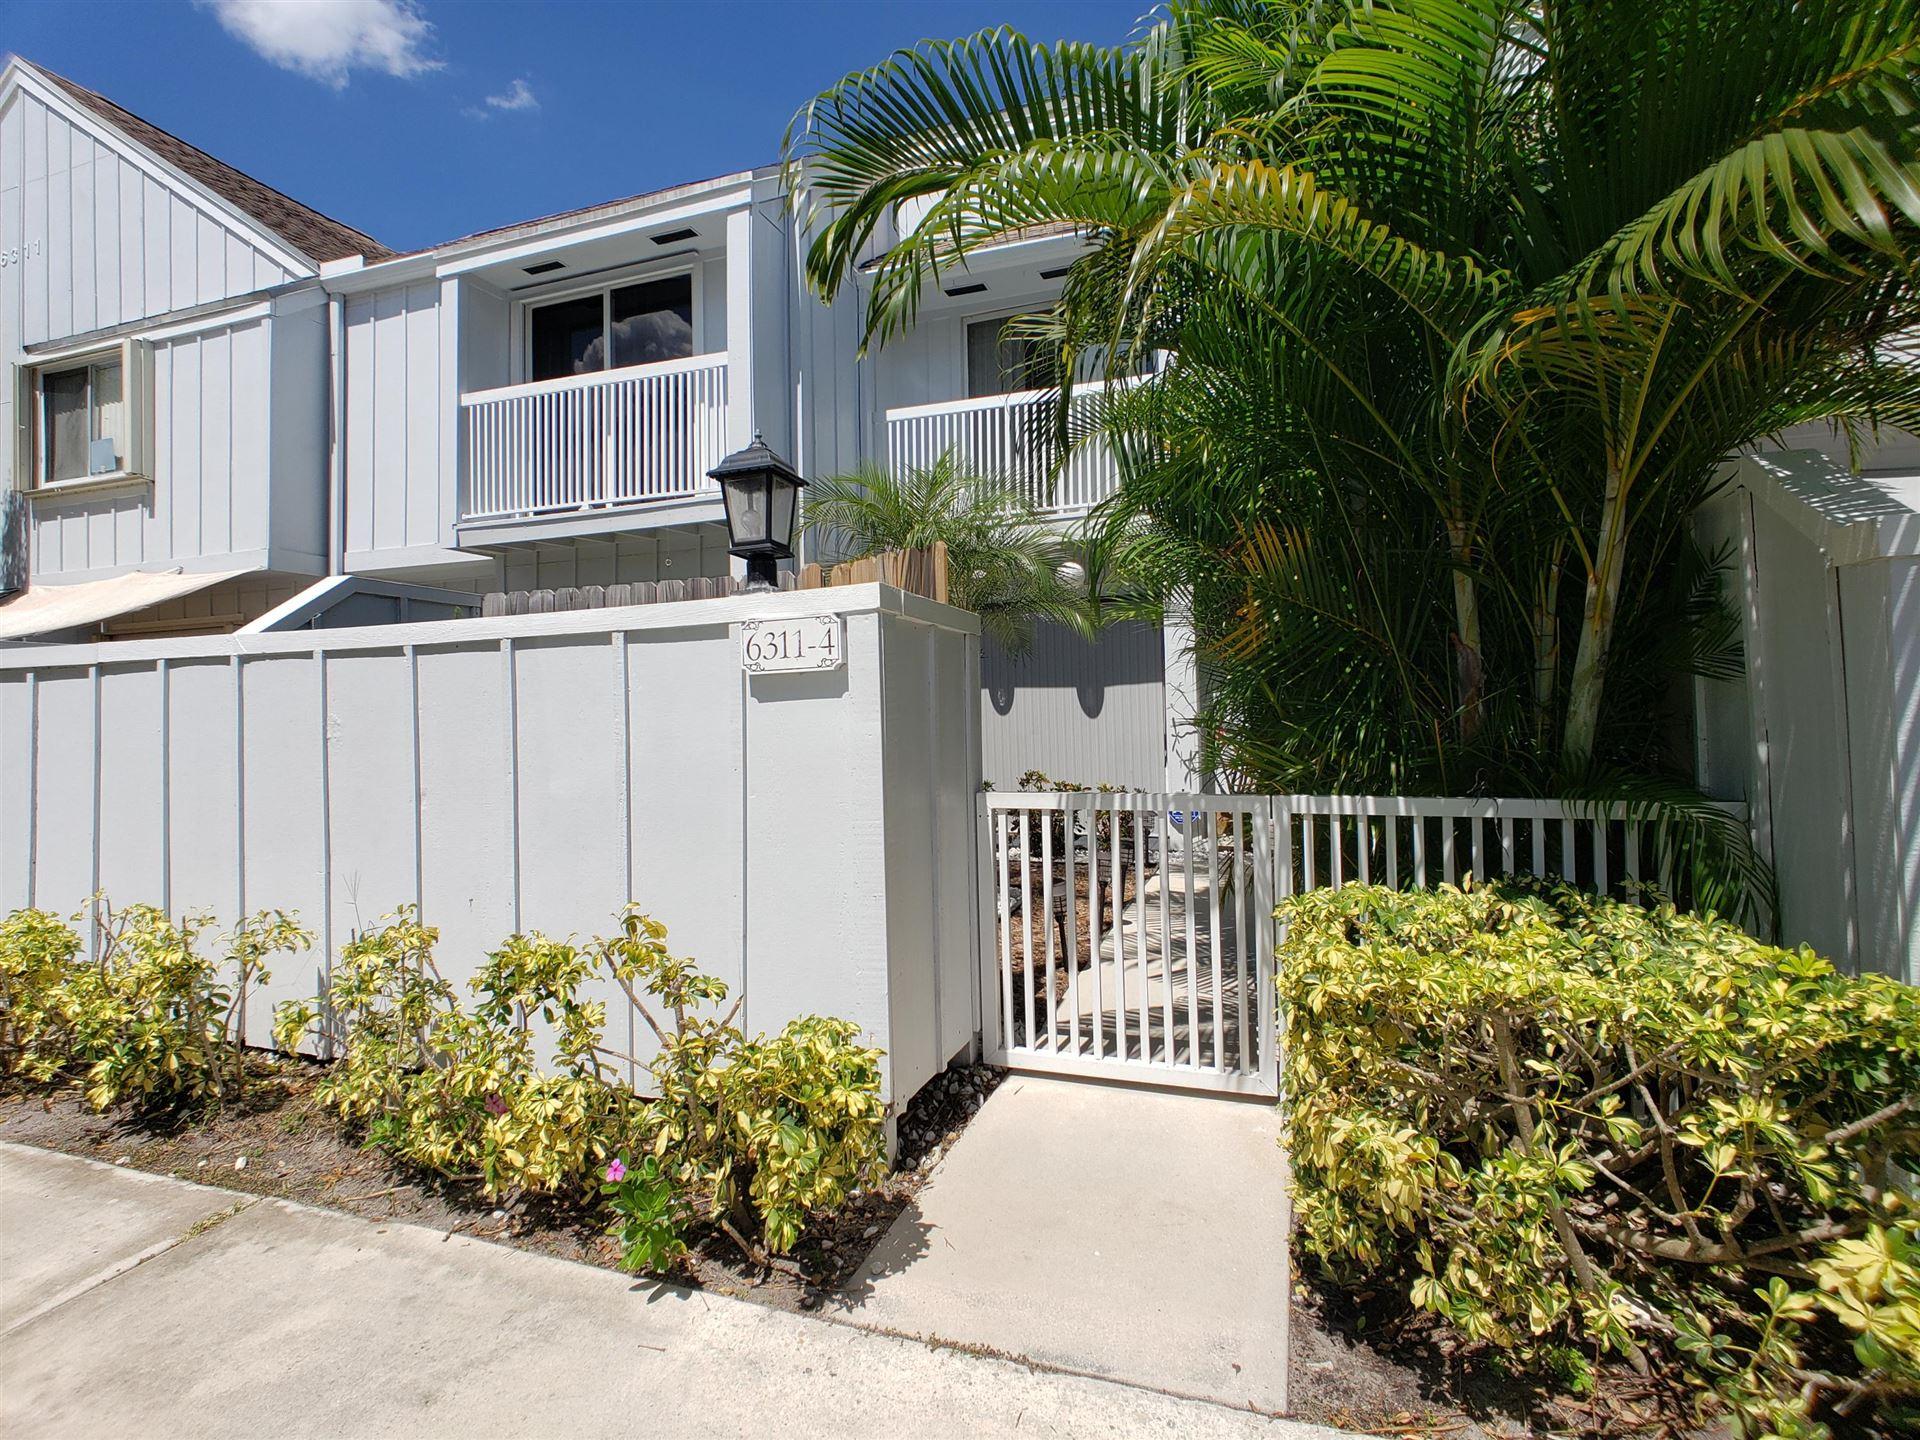 6311 Riverwalk Lane #4, Jupiter, FL 33458 - MLS#: RX-10656267